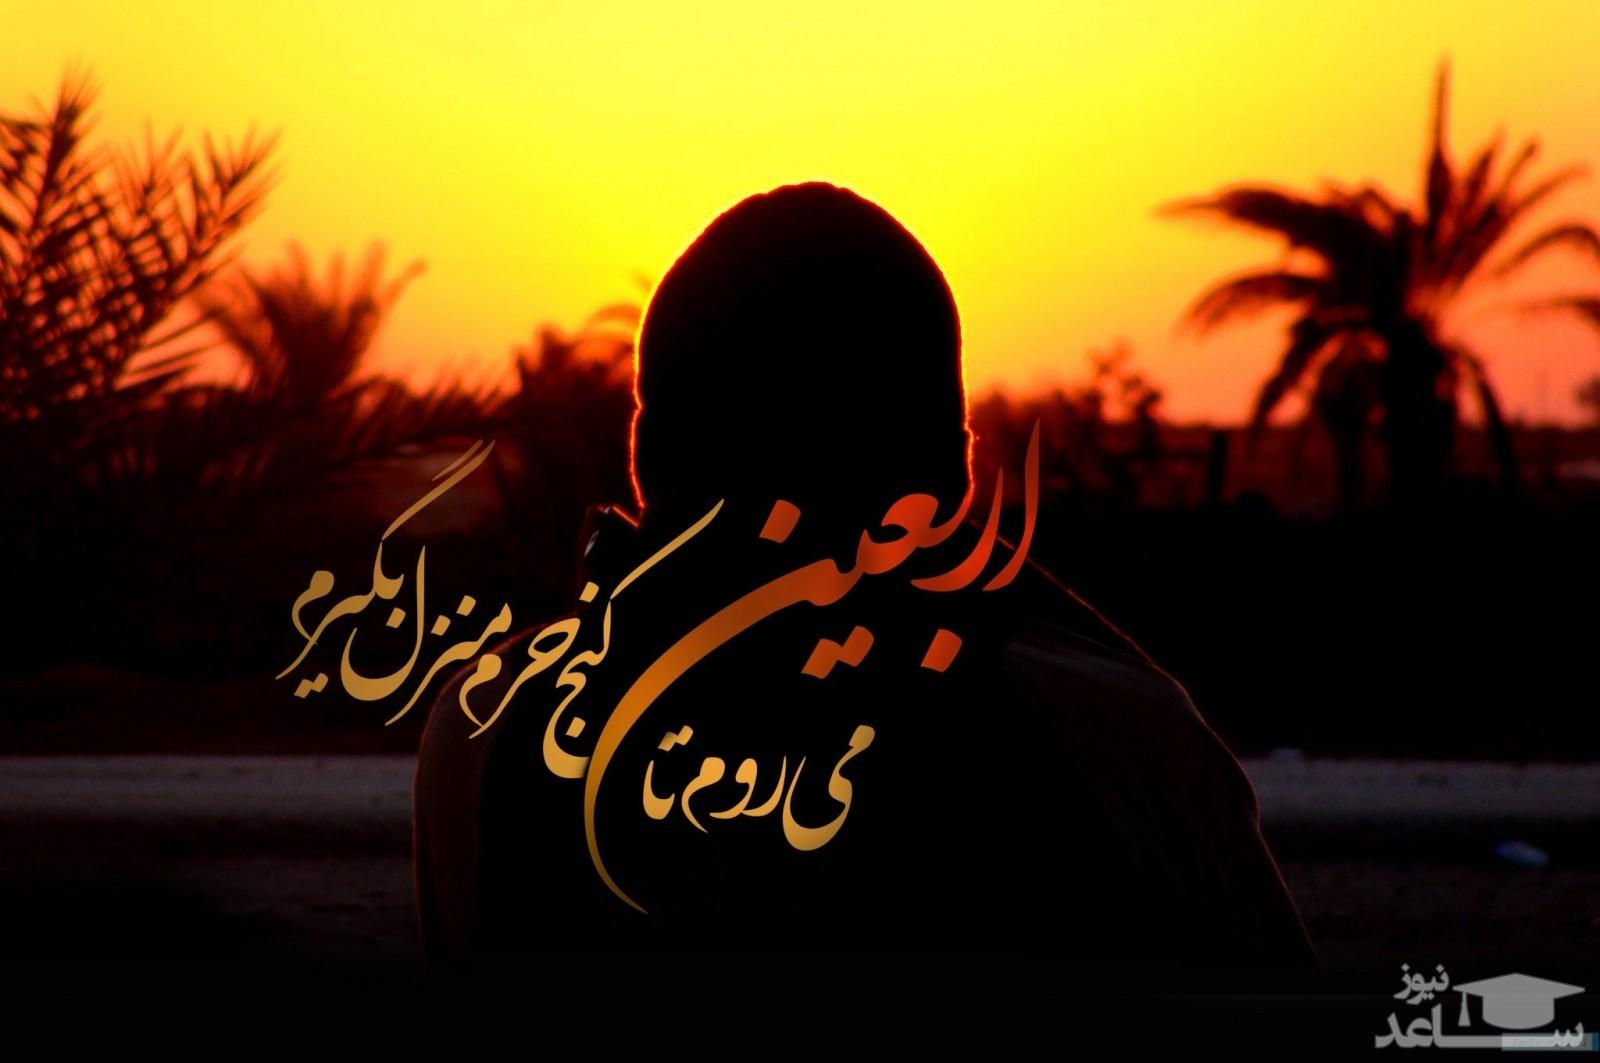 متن زیبای تسلیت اربعین حسینی